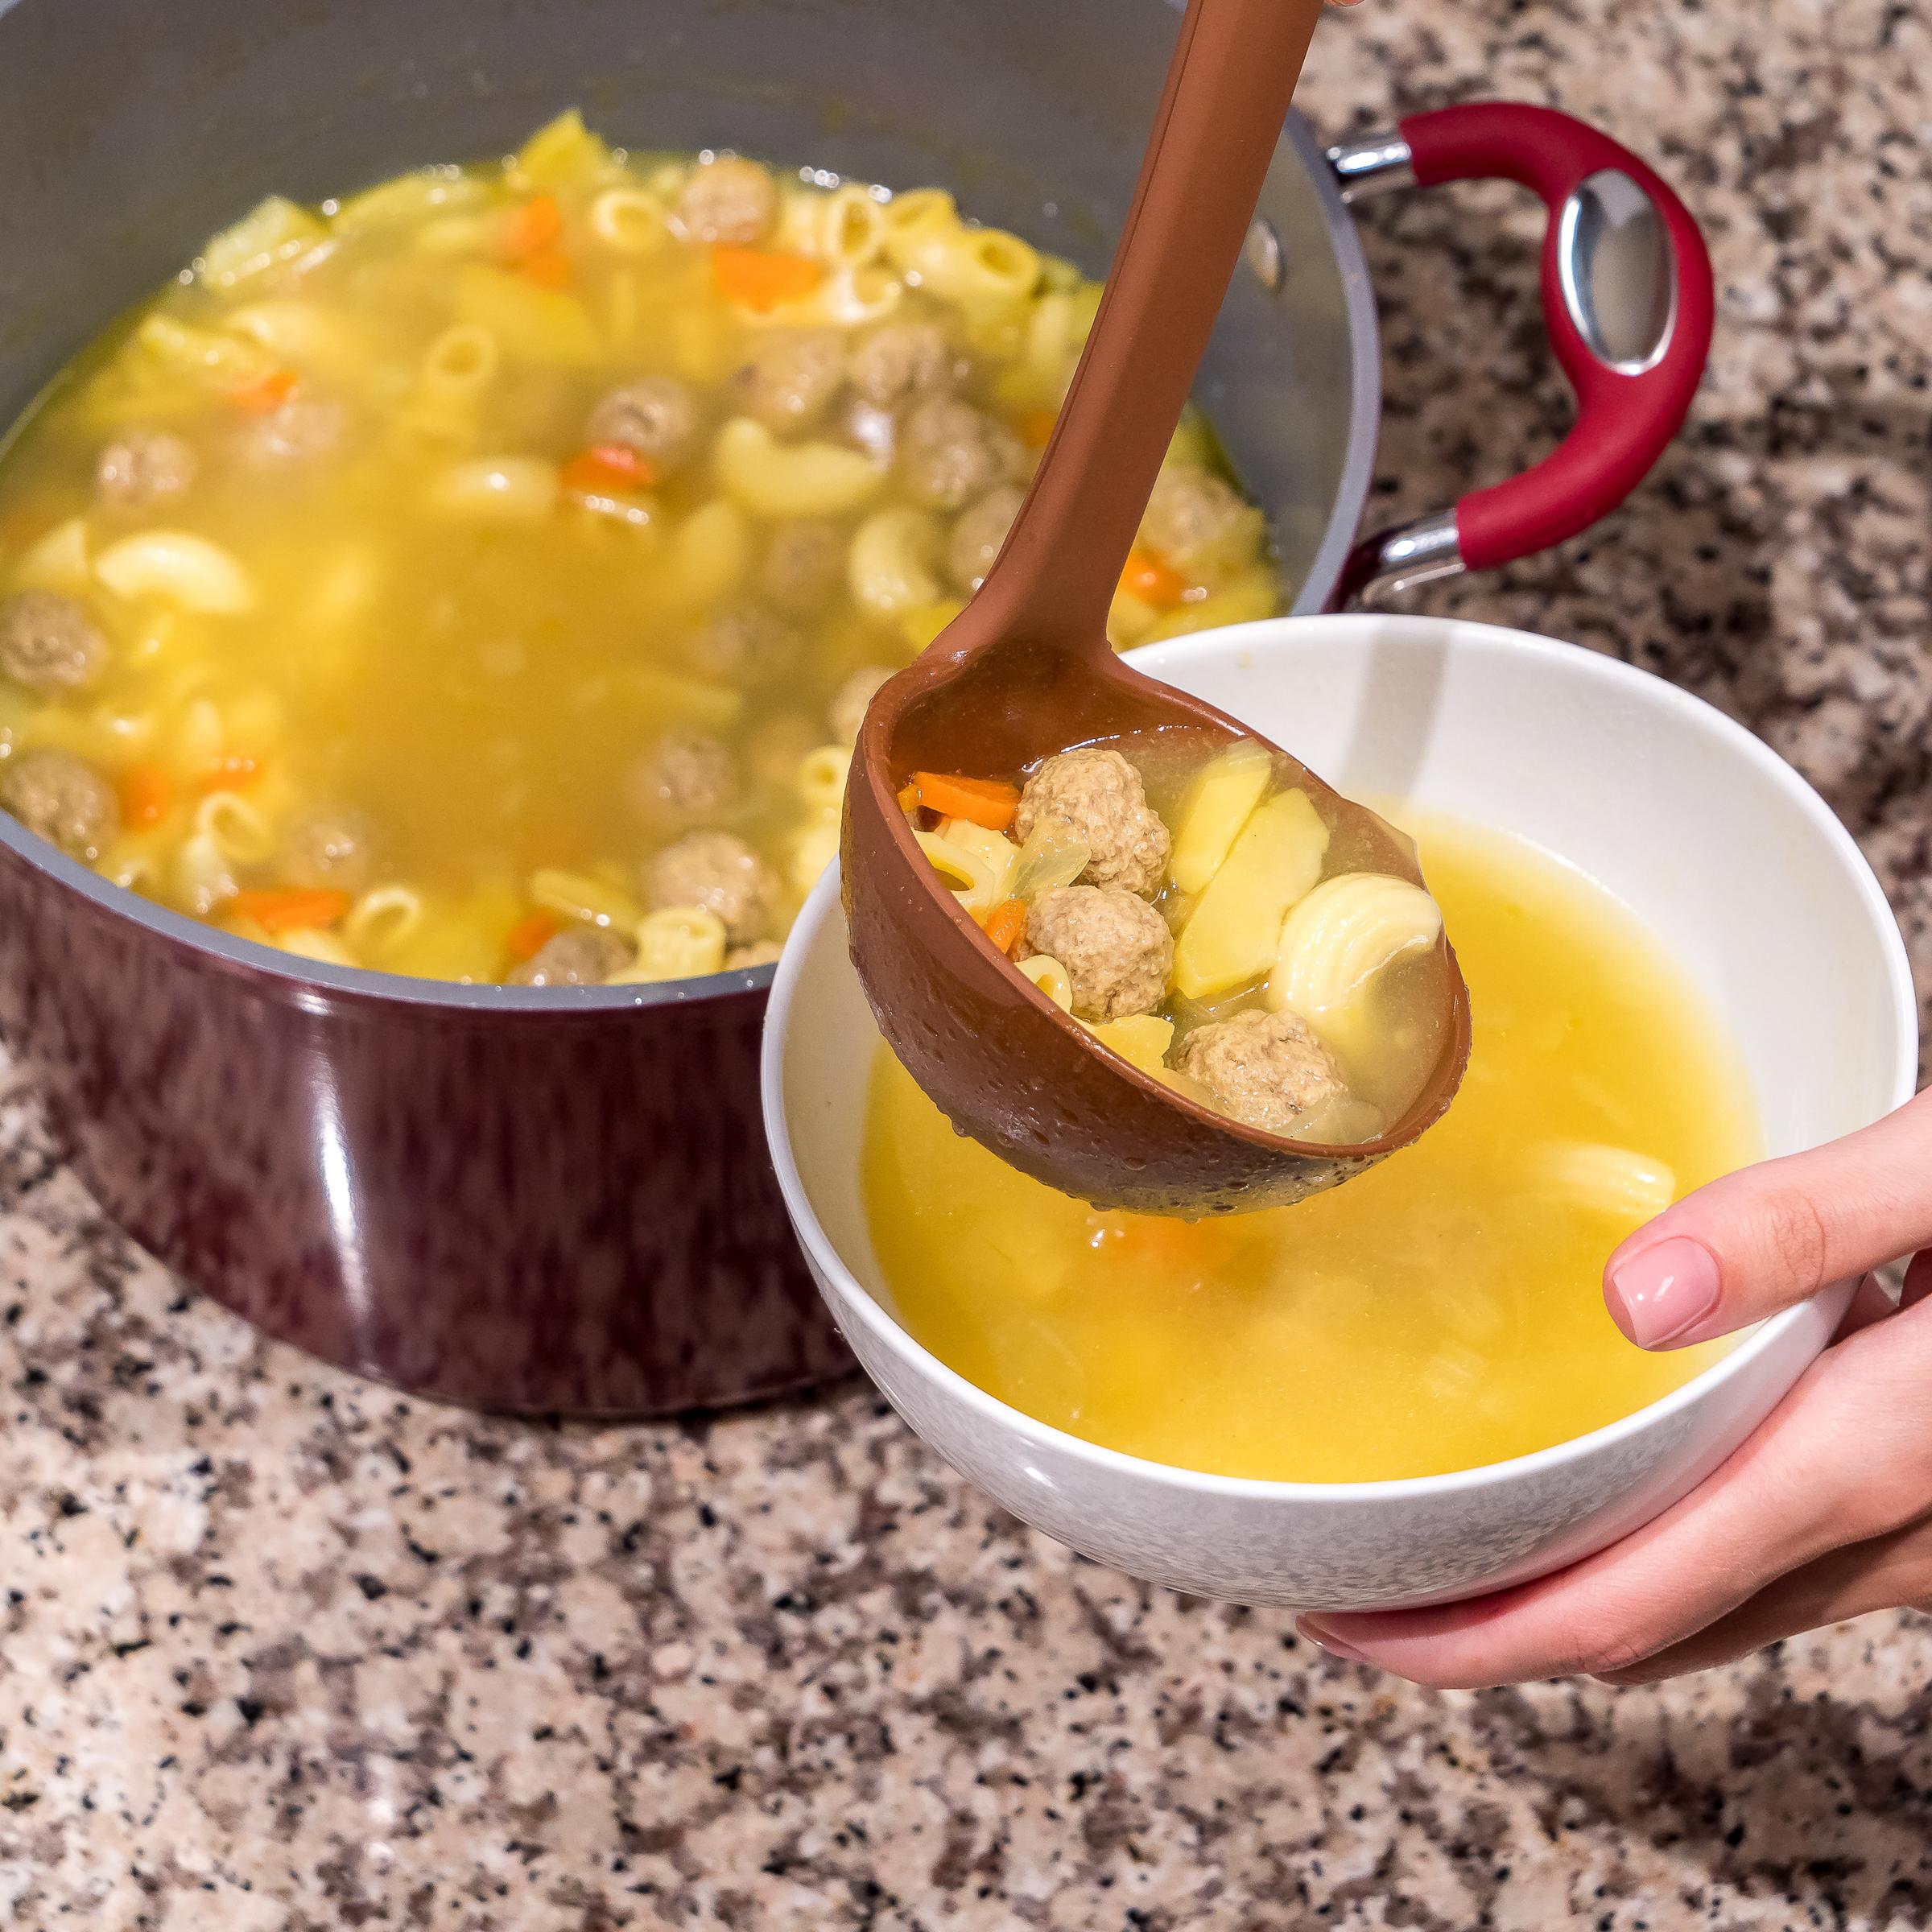 Brown Soup Ladle